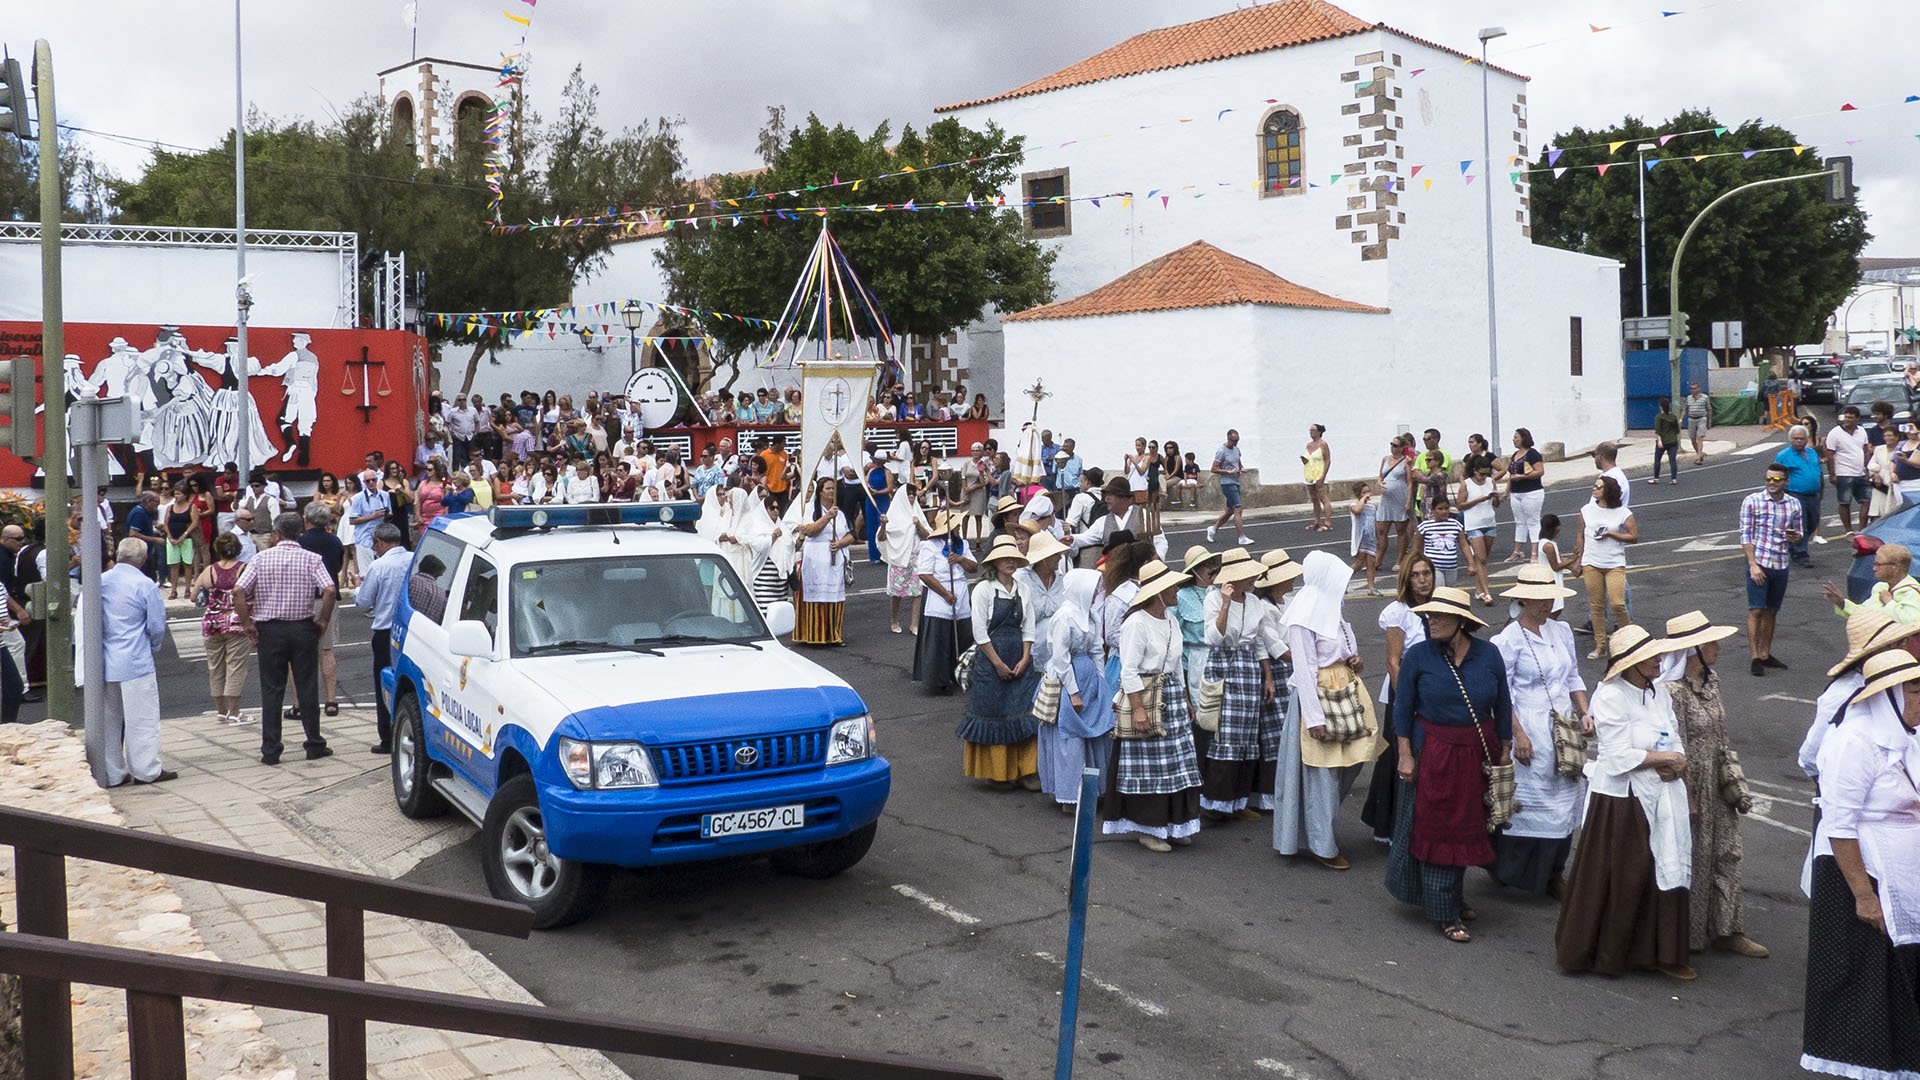 Sehenswürdigkeiten Fuerteventura –TuinejeFiesta San Miguel – Batallas del Cuchillete y Tamasite.